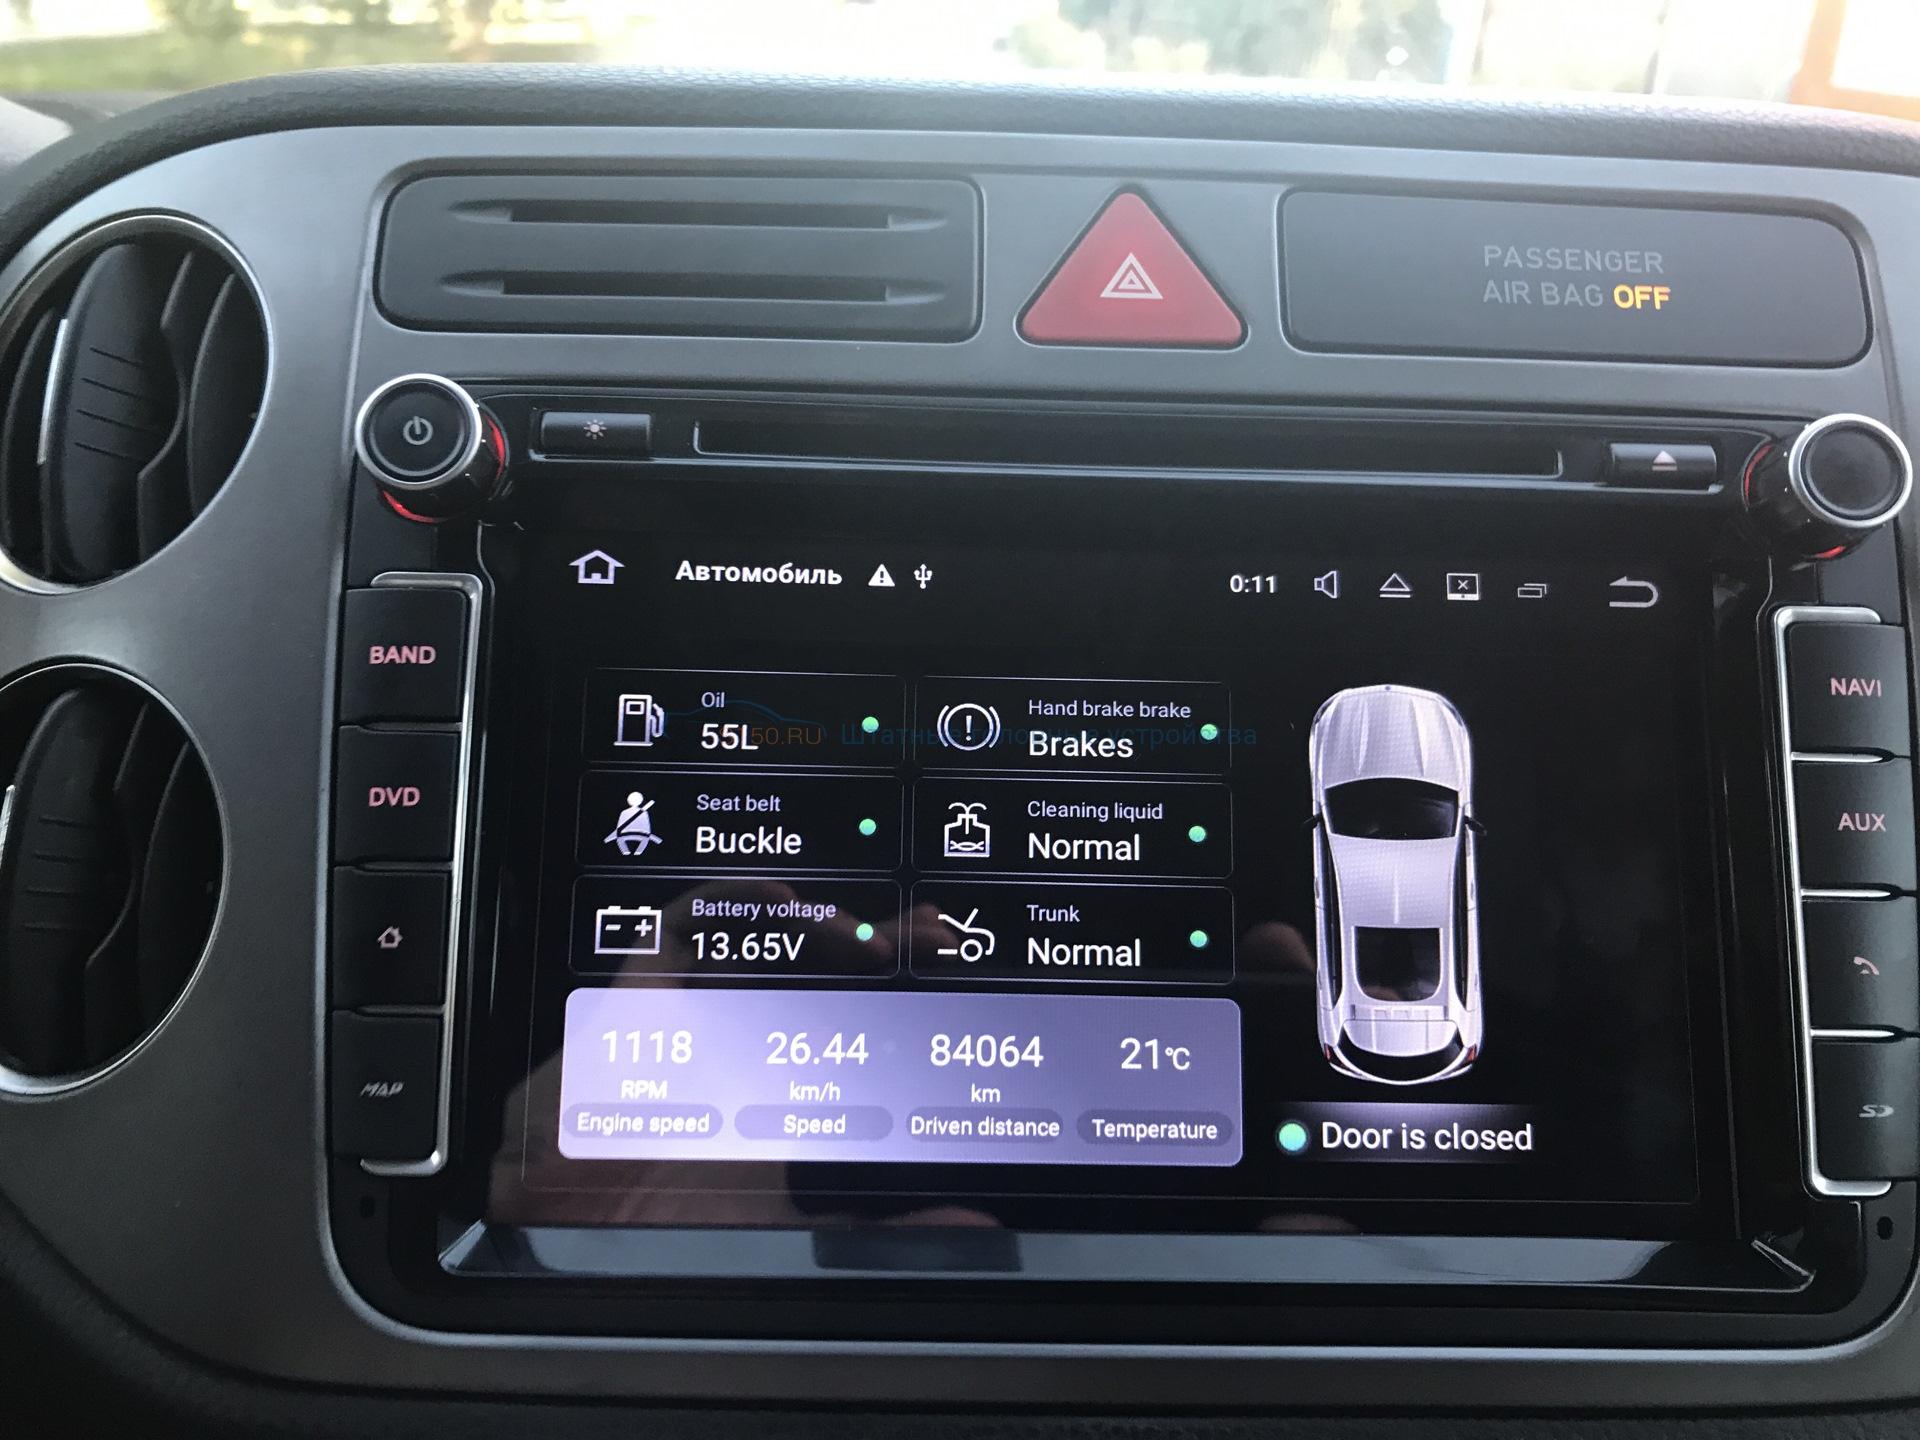 geschikt voor volkswagen rns 510 navigatie 8 inch android. Black Bedroom Furniture Sets. Home Design Ideas